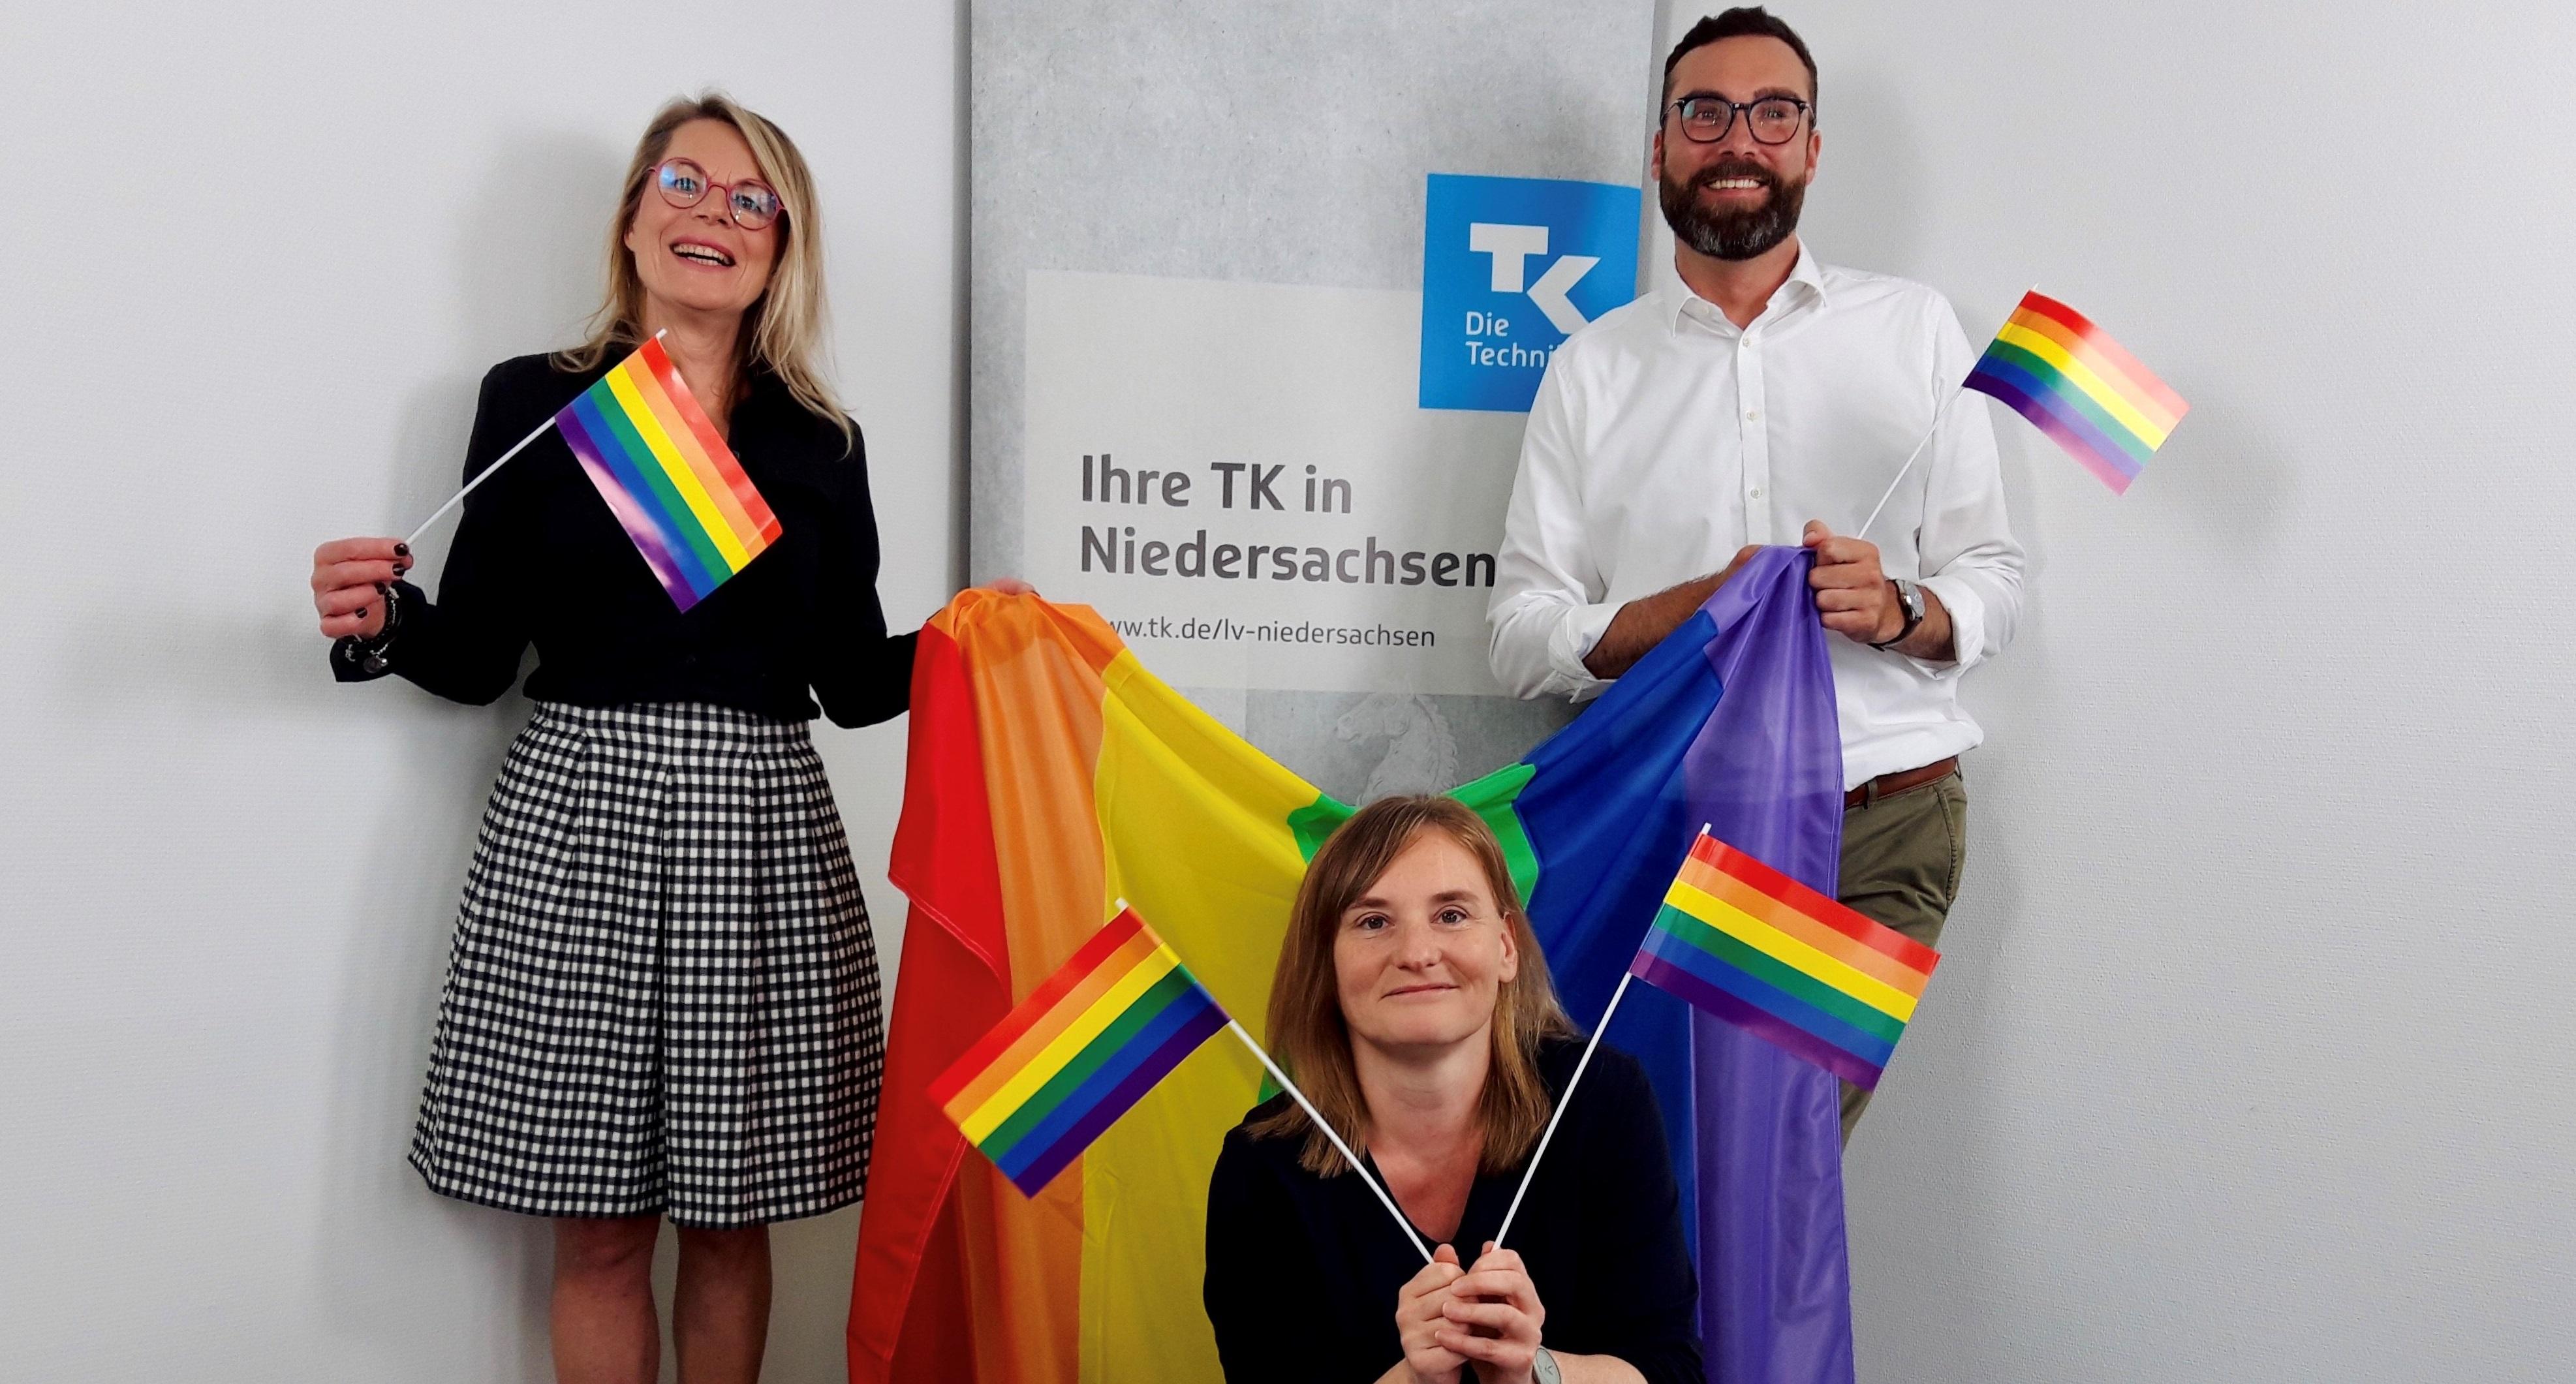 Auch die TK-Landesvertretung Niedersachsen steht ein für mehr Toleranz: Ulrike Fieback, Kerstin Tuchs und Bastian Starkebaum (von links).